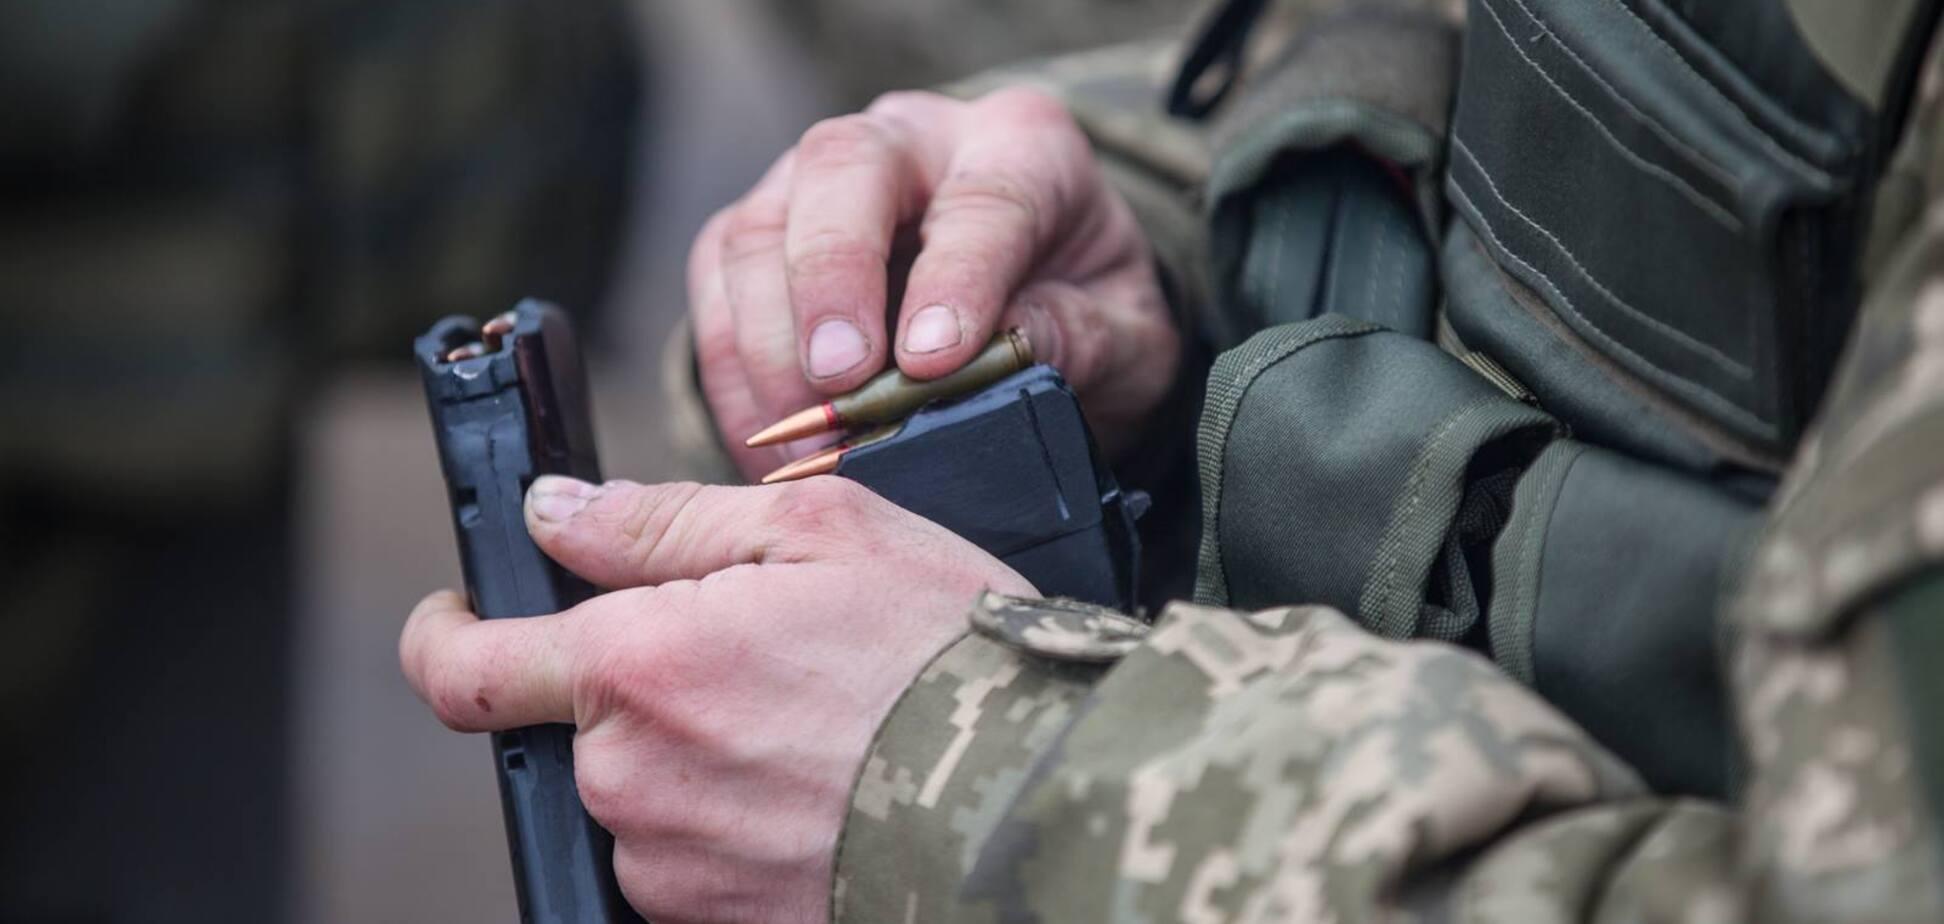 Не из-за войны: психолог объяснил волну суицидов в украинской армии